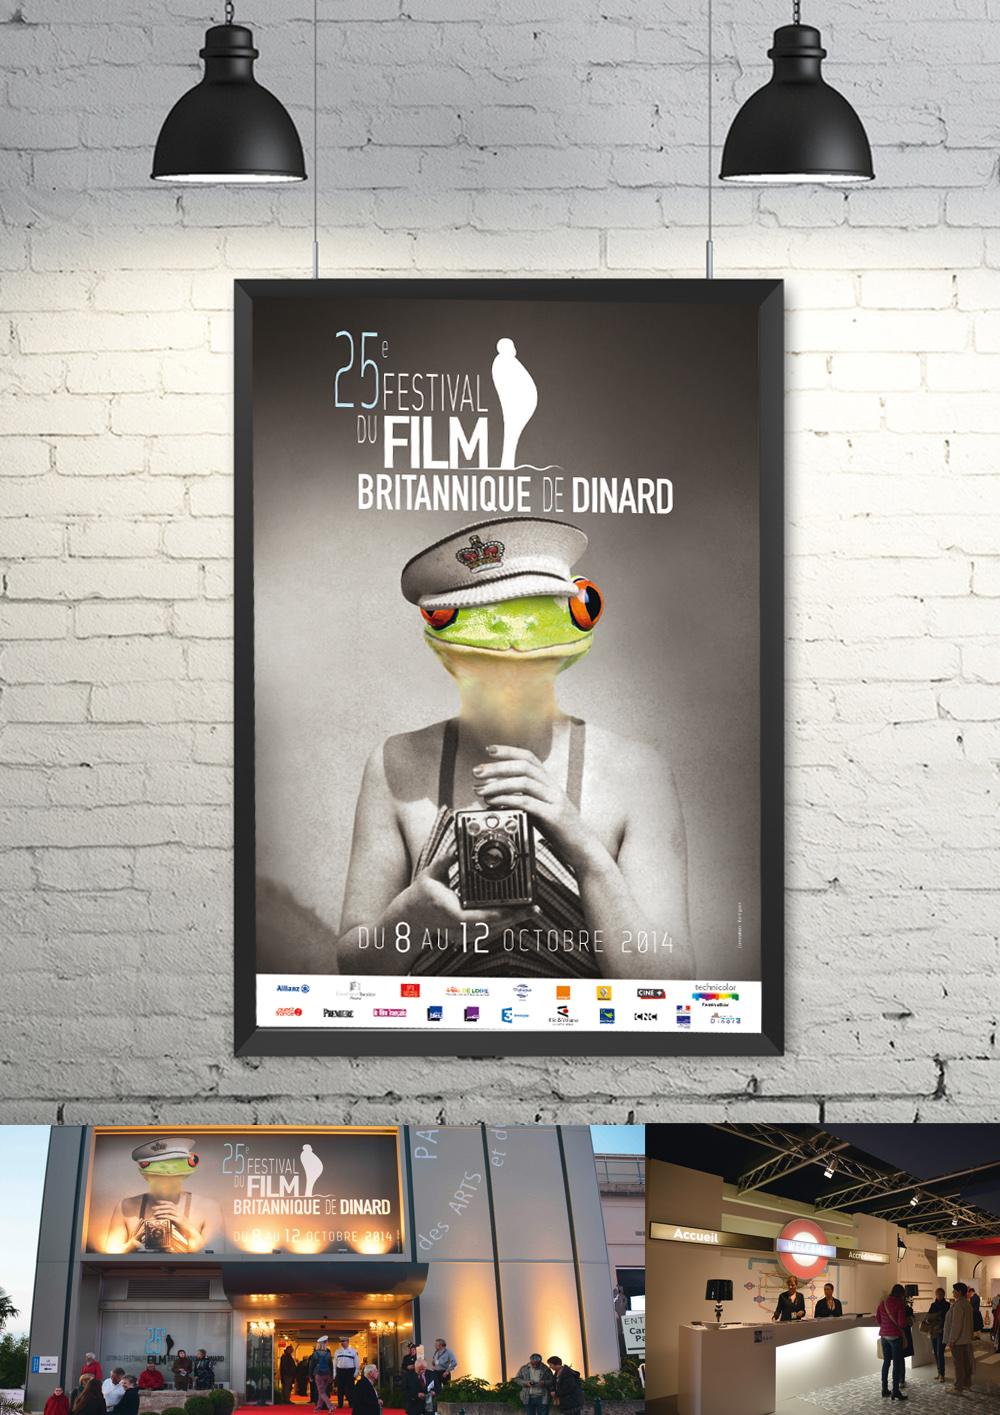 Conception des supports de communication pour le Festival du Films britannique de Dinard (affiche, brochure, invitation, catalogues)